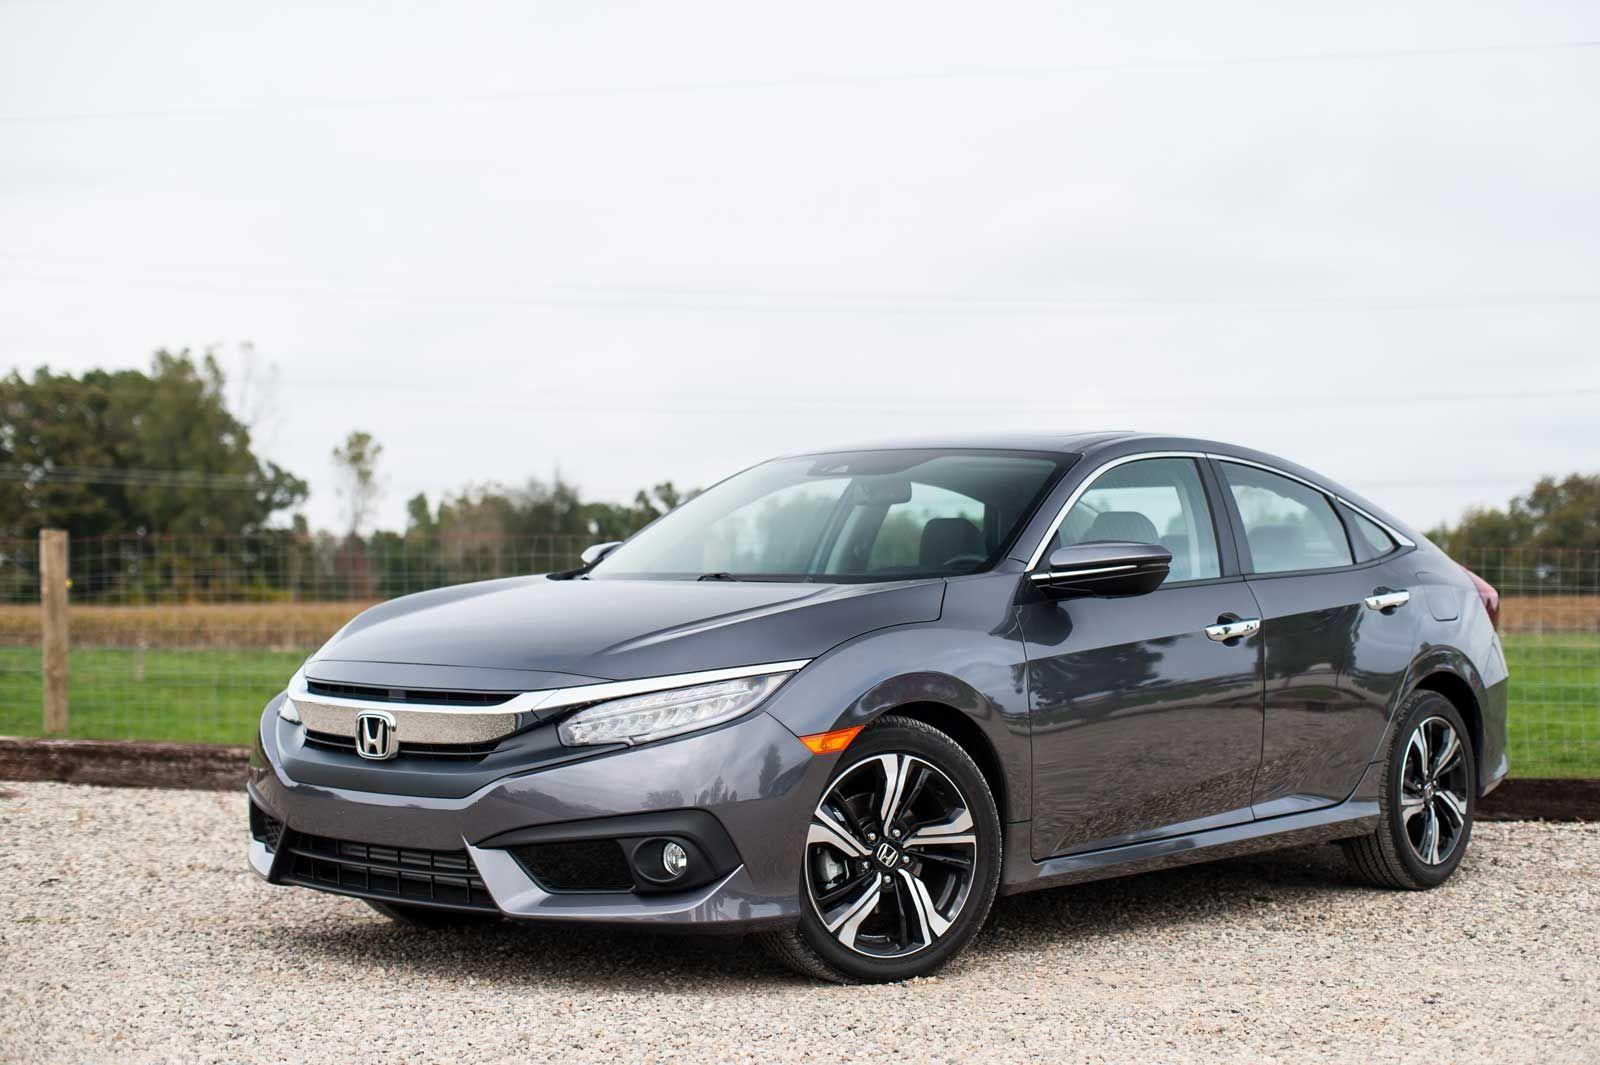 2016 Honda Civic Review AutoGuide News